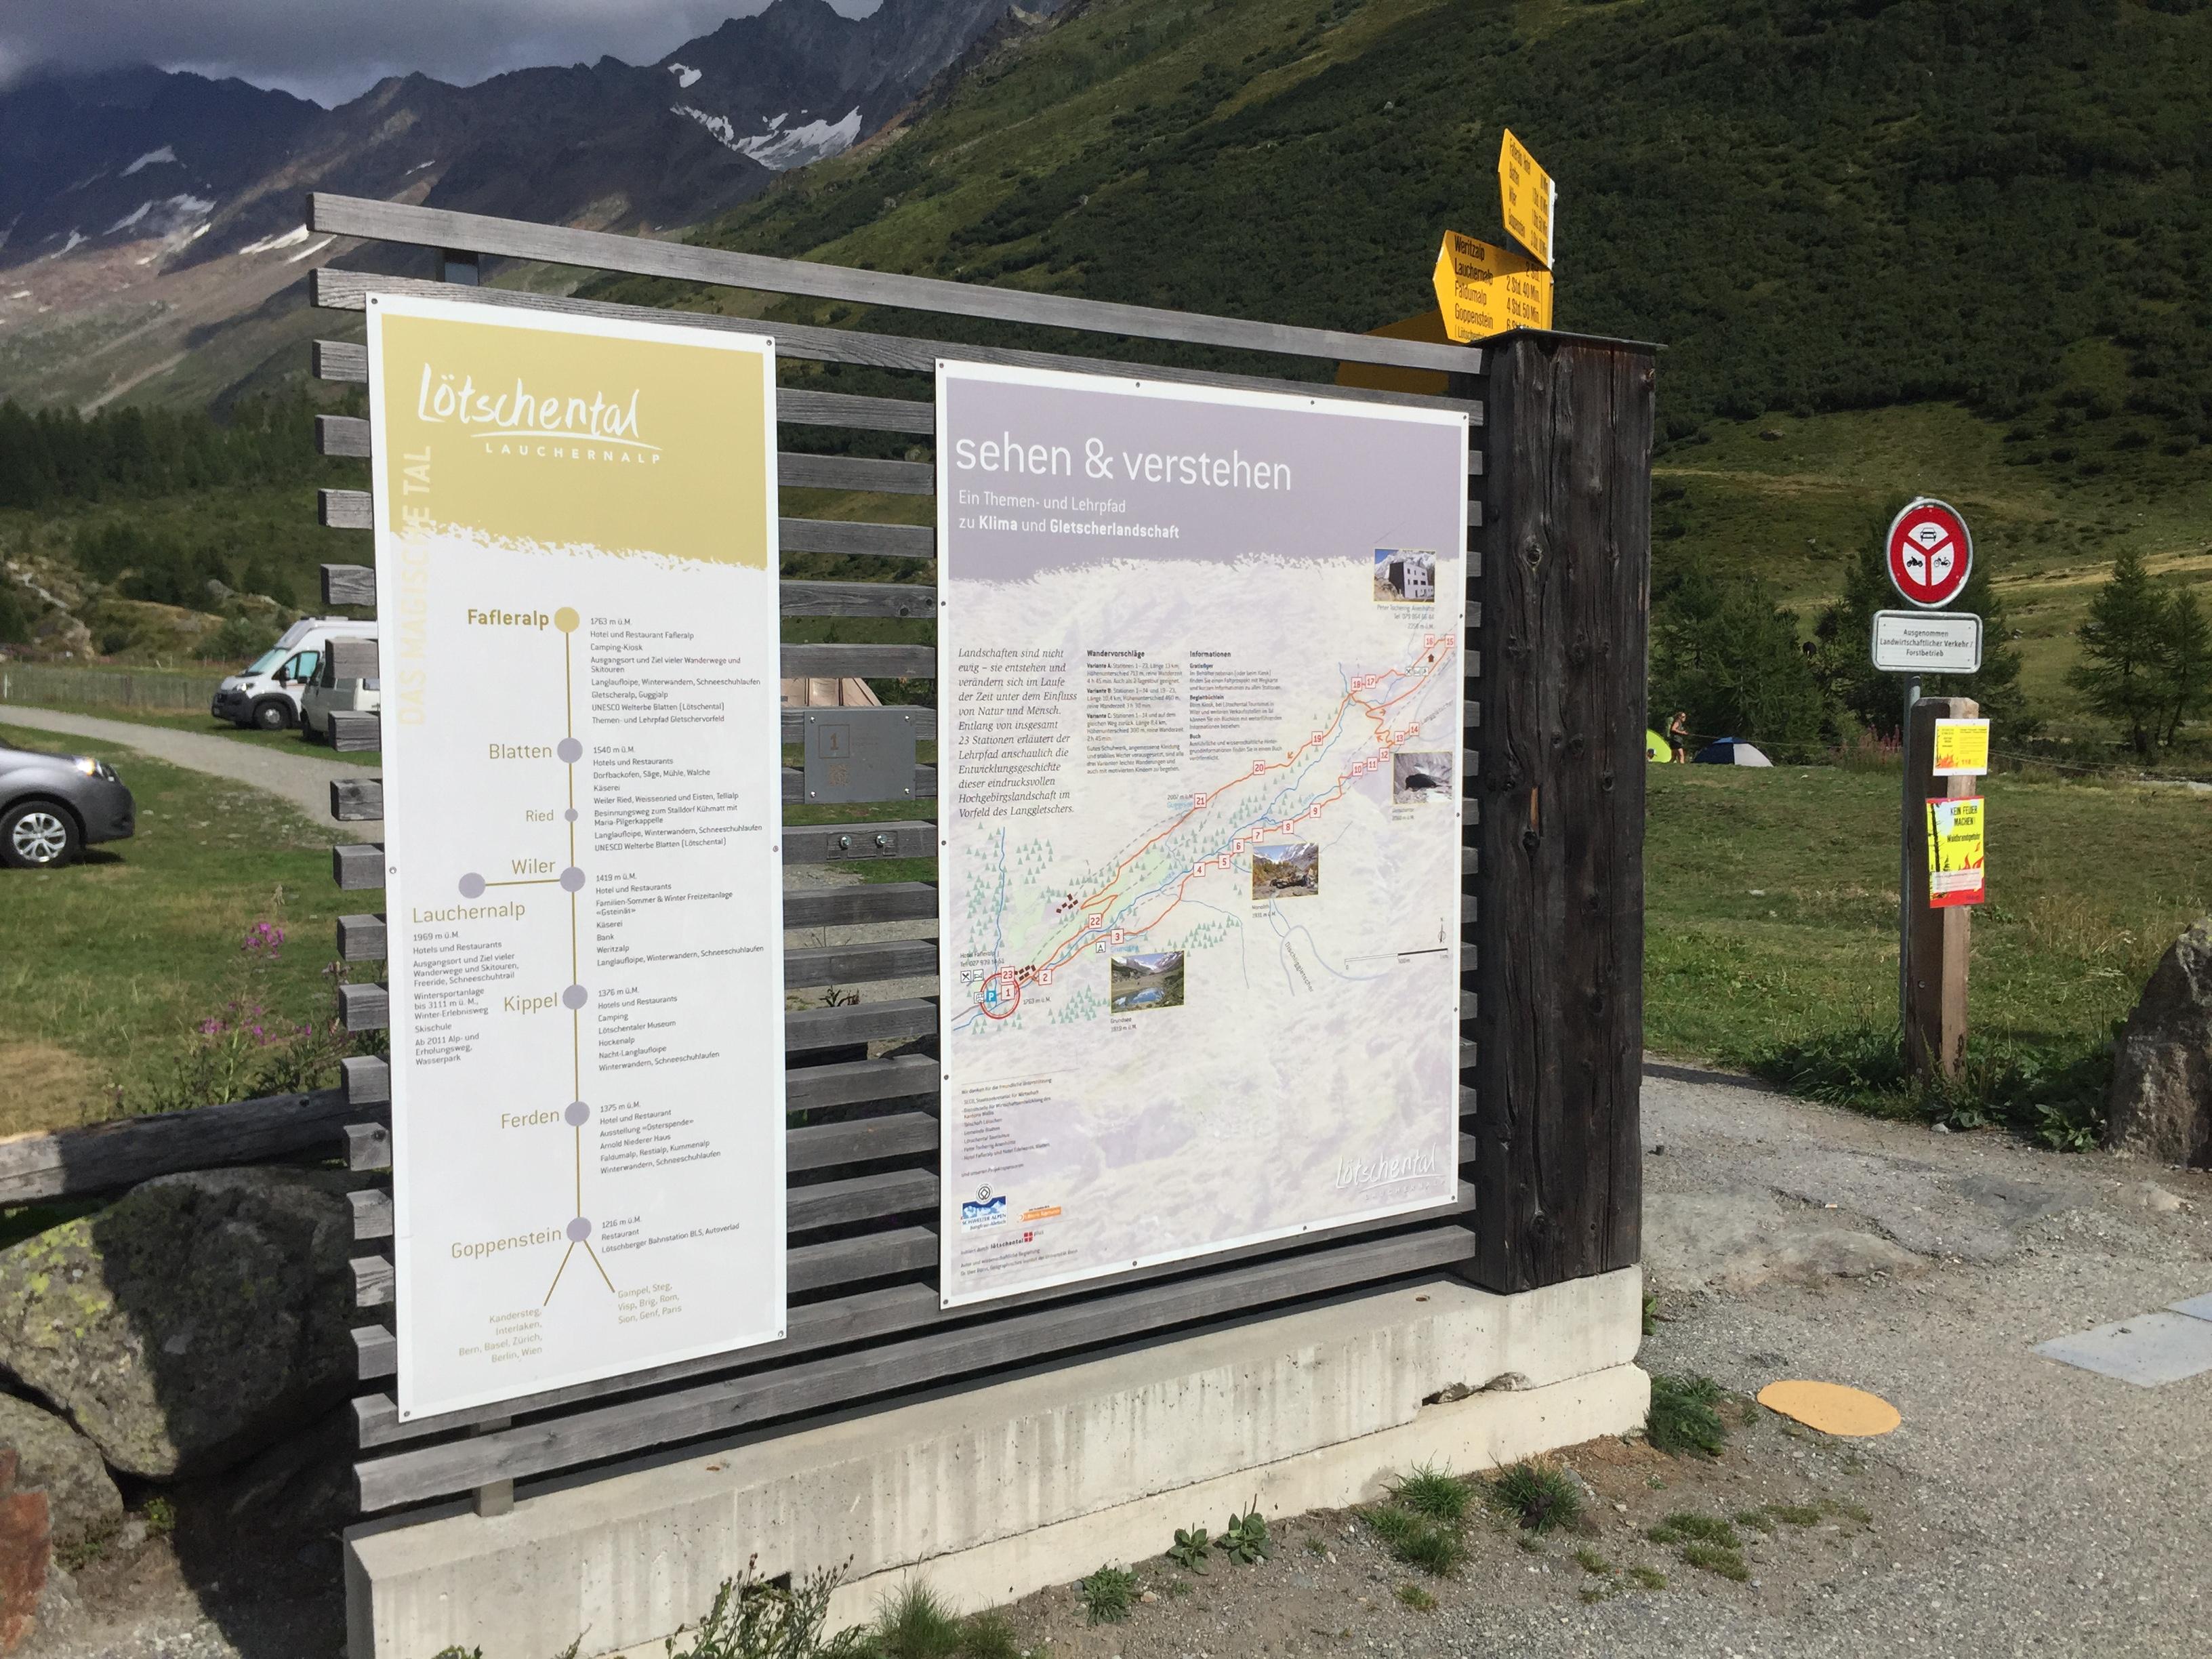 Bij de parkeerplaats van de Fafleralp is een informatiebord waarop de rondwandeling duidelijk staat aangegeven.